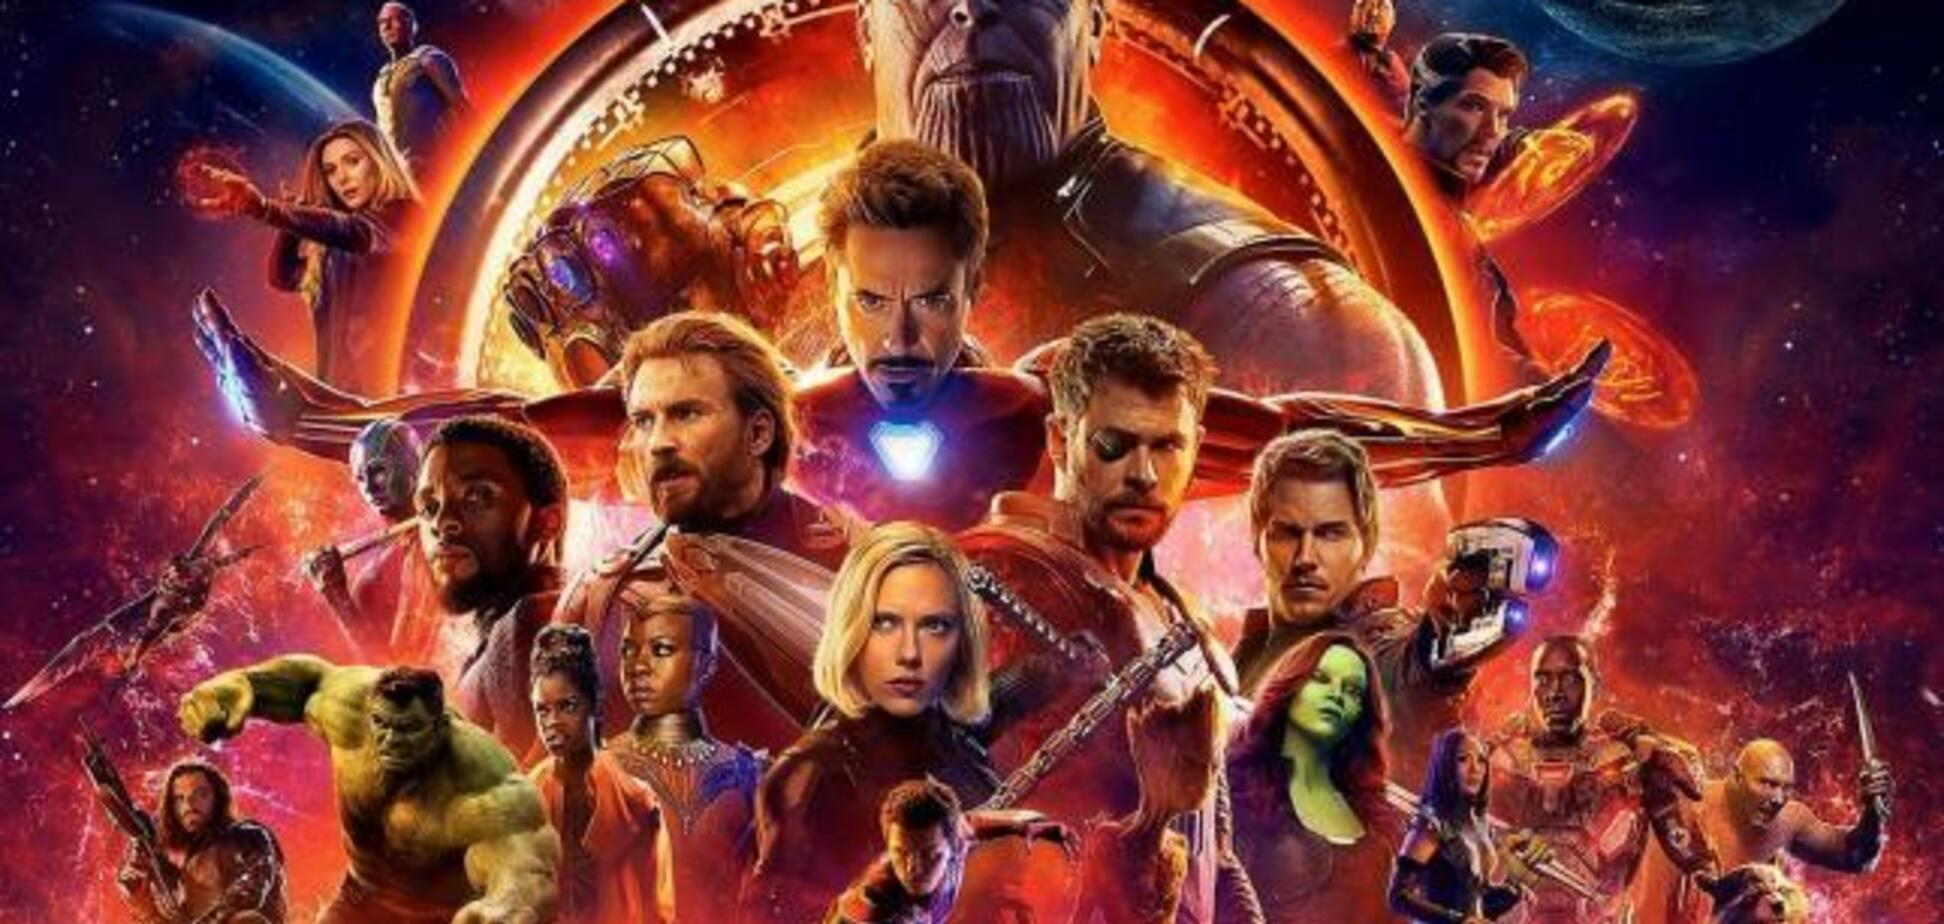 З'явився новий трейлер фільму ''Месники. Фінал'' і ''Капітан Марвел'': відео